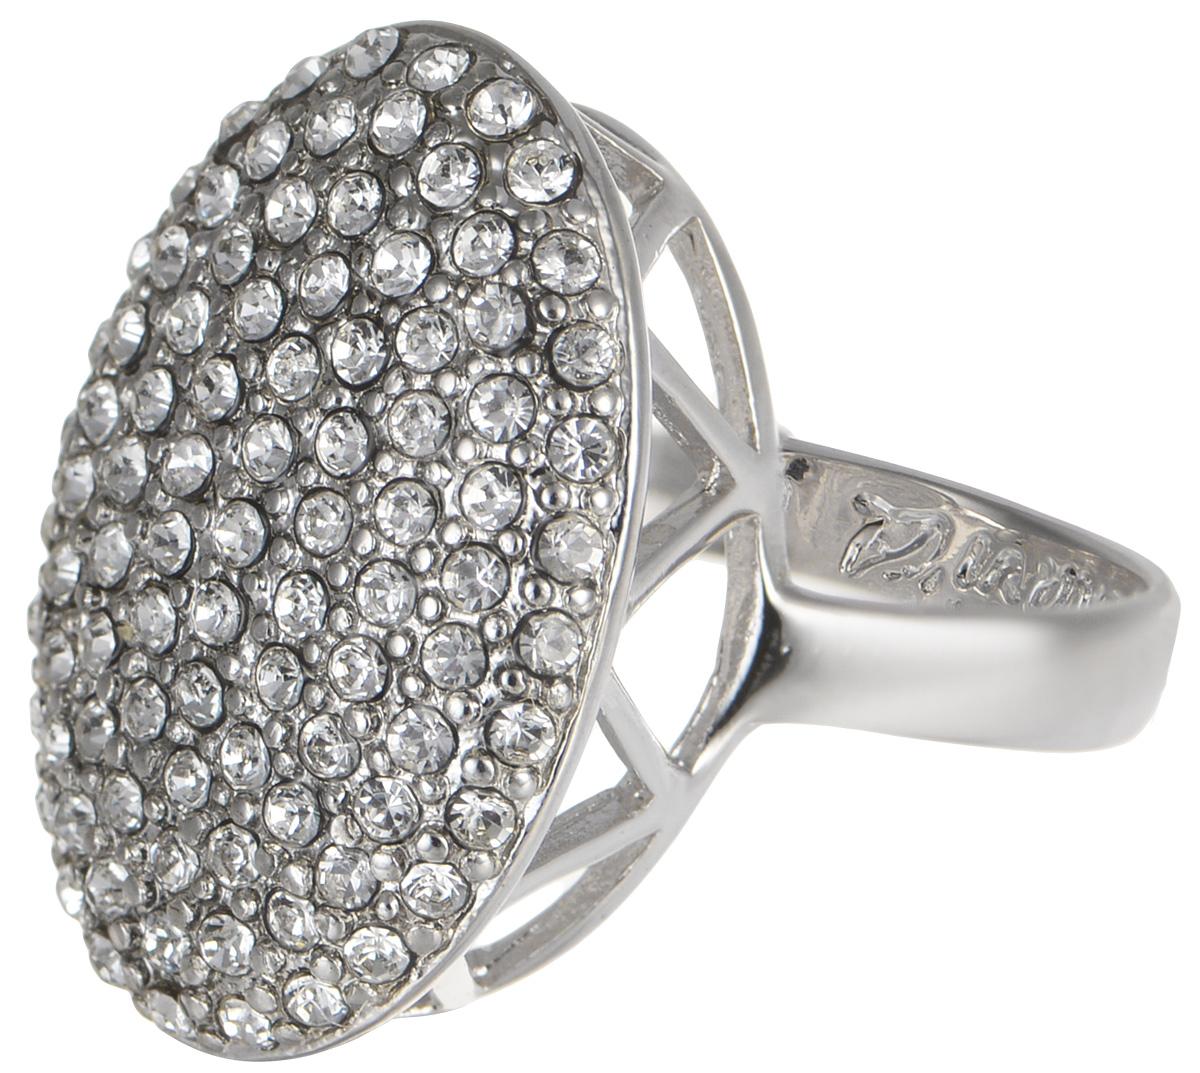 Кольцо Jenavi Мириада. Гросс, цвет: серебряный. r633f000. Размер 18r633f000Кольцо Jenavi Гросс из коллекции Мириада изготовлено из гипоаллергенного ювелирного сплава с покрытием родием и украшено яркими кристаллами Swarovski. Это кольцо никогда не затеряется среди других ваших украшений, ведь сверкающие кристаллы Swarovski и покрытие из настоящего родия выглядят роскошно и очень дорого. Кроме того, его изысканный дизайн так выгодно подчеркивает достоинства кристаллов, что они не уступают своей красотой драгоценным камням. В новой коллекции Мириада - бесчисленное количество кристаллов Swarovski разных размеров, цветов и оттенков. Они вдохновляют - на романтическое настроение, на смелые поступки, на позитивные эмоции. Они придают новое толкование всем известной истины - красоты никогда не бывает много! Мириада от Jenavi - удовольствие, которое может длиться вечно.